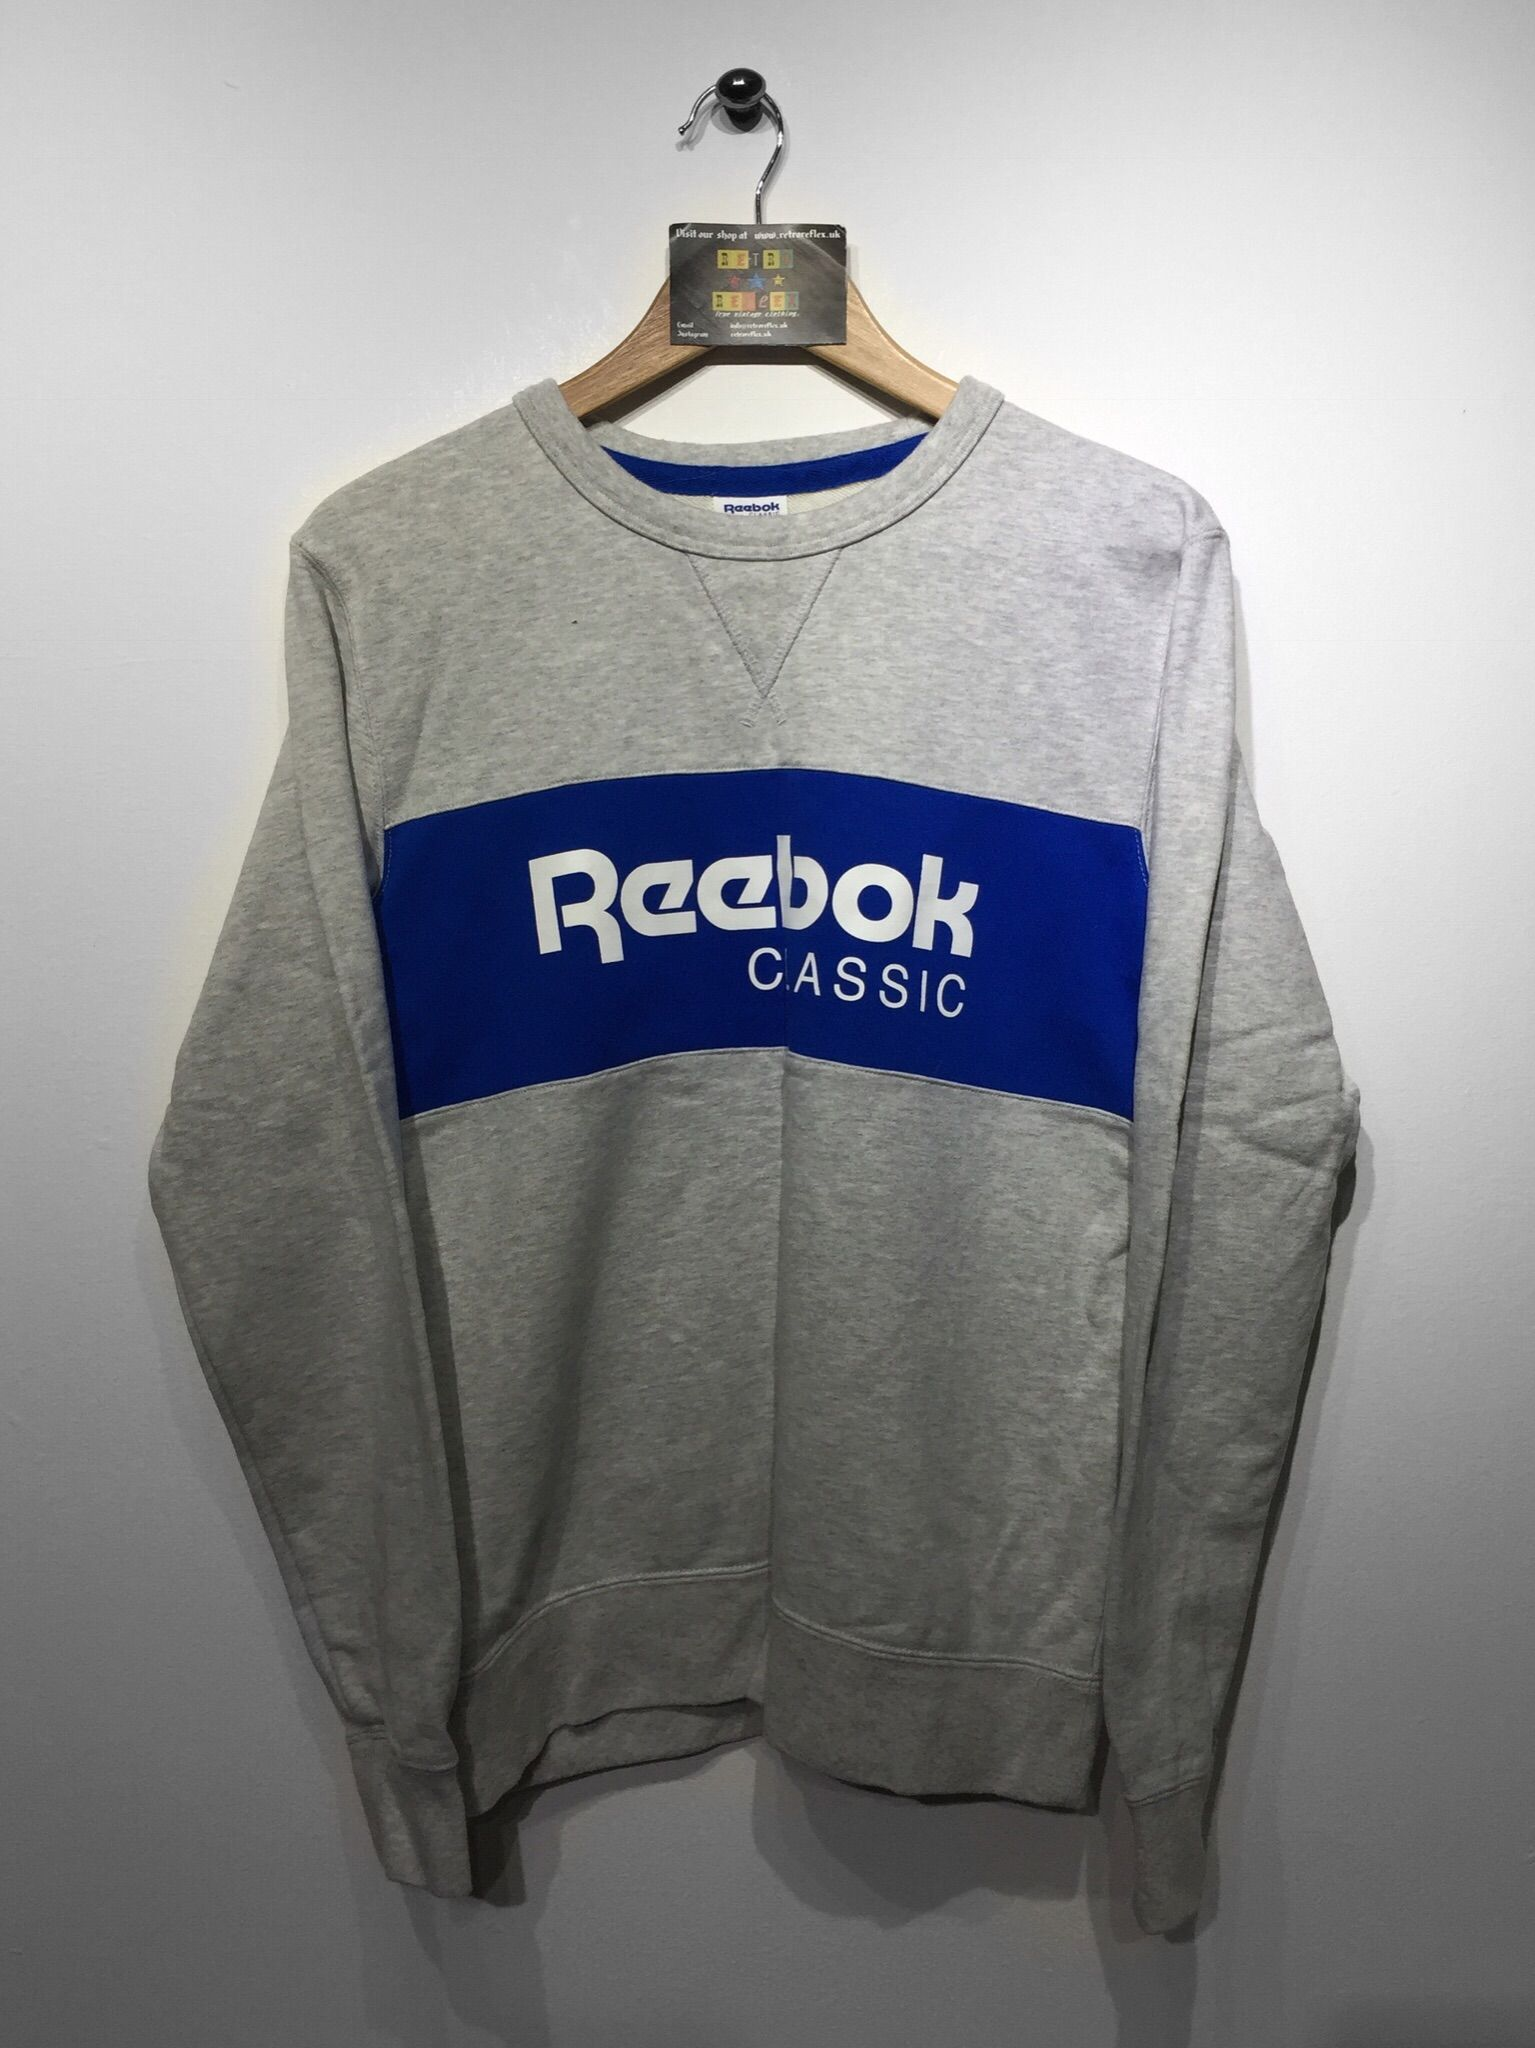 Nike sweatshirt size XLarge (but fits oversized) £32